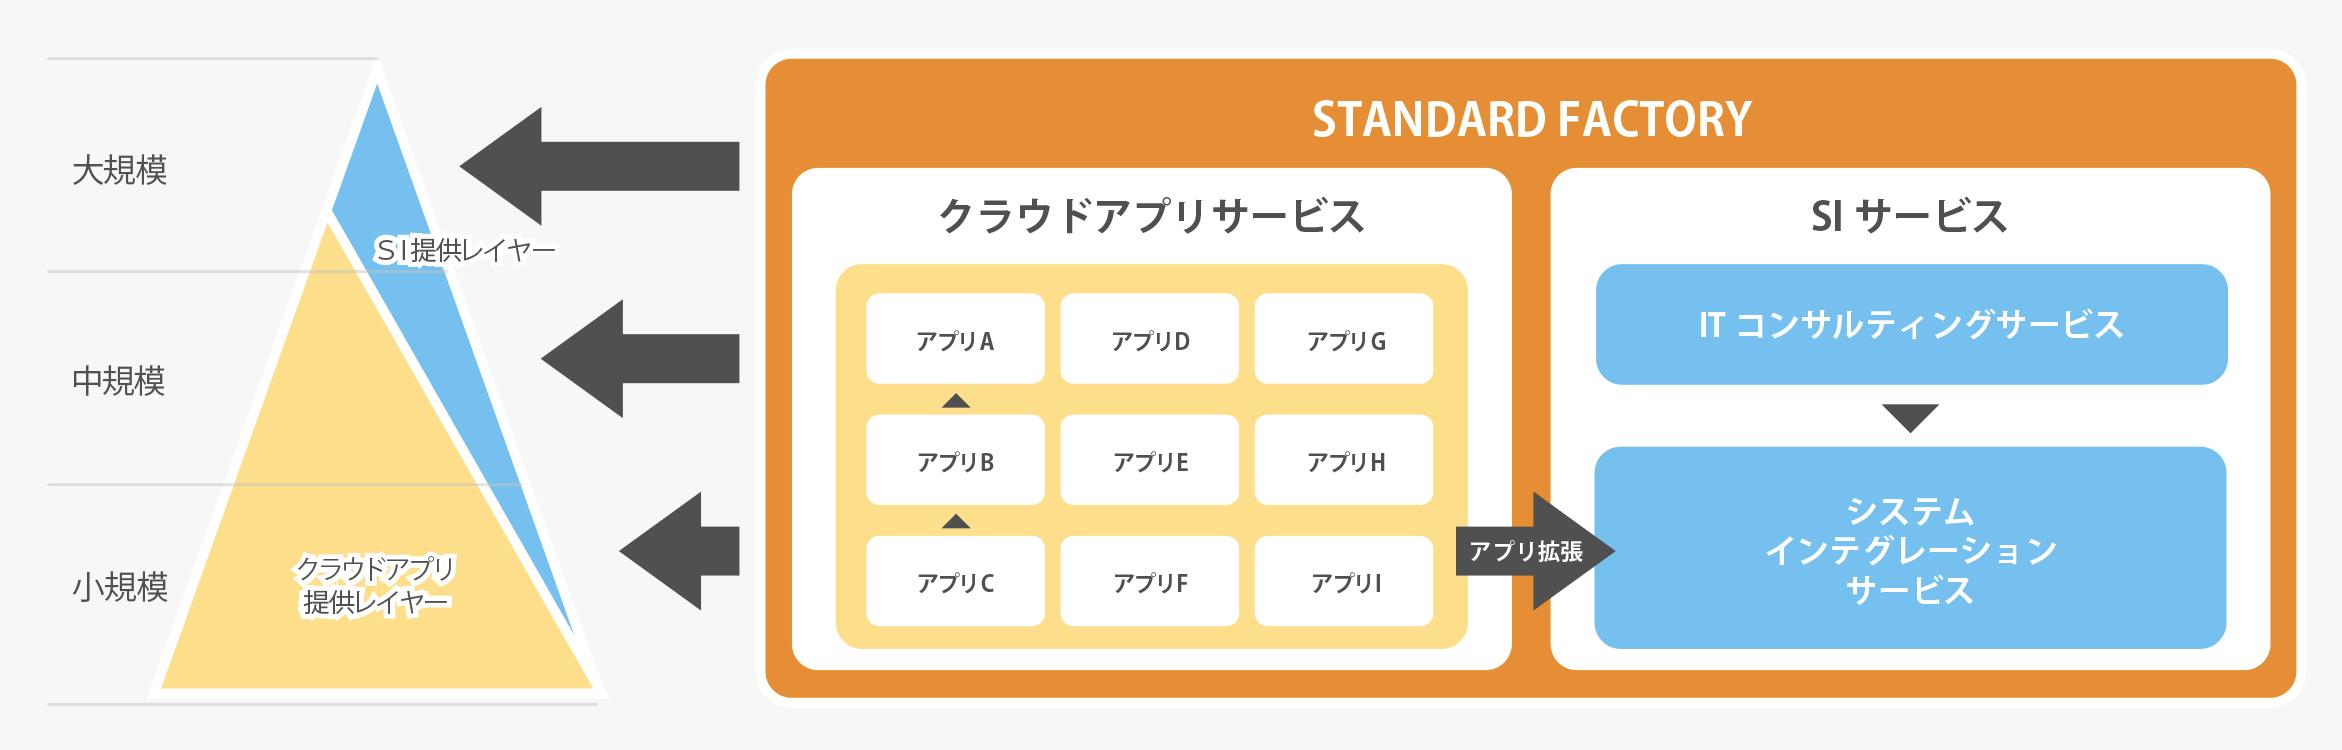 スタンダードファクトリーの戦略